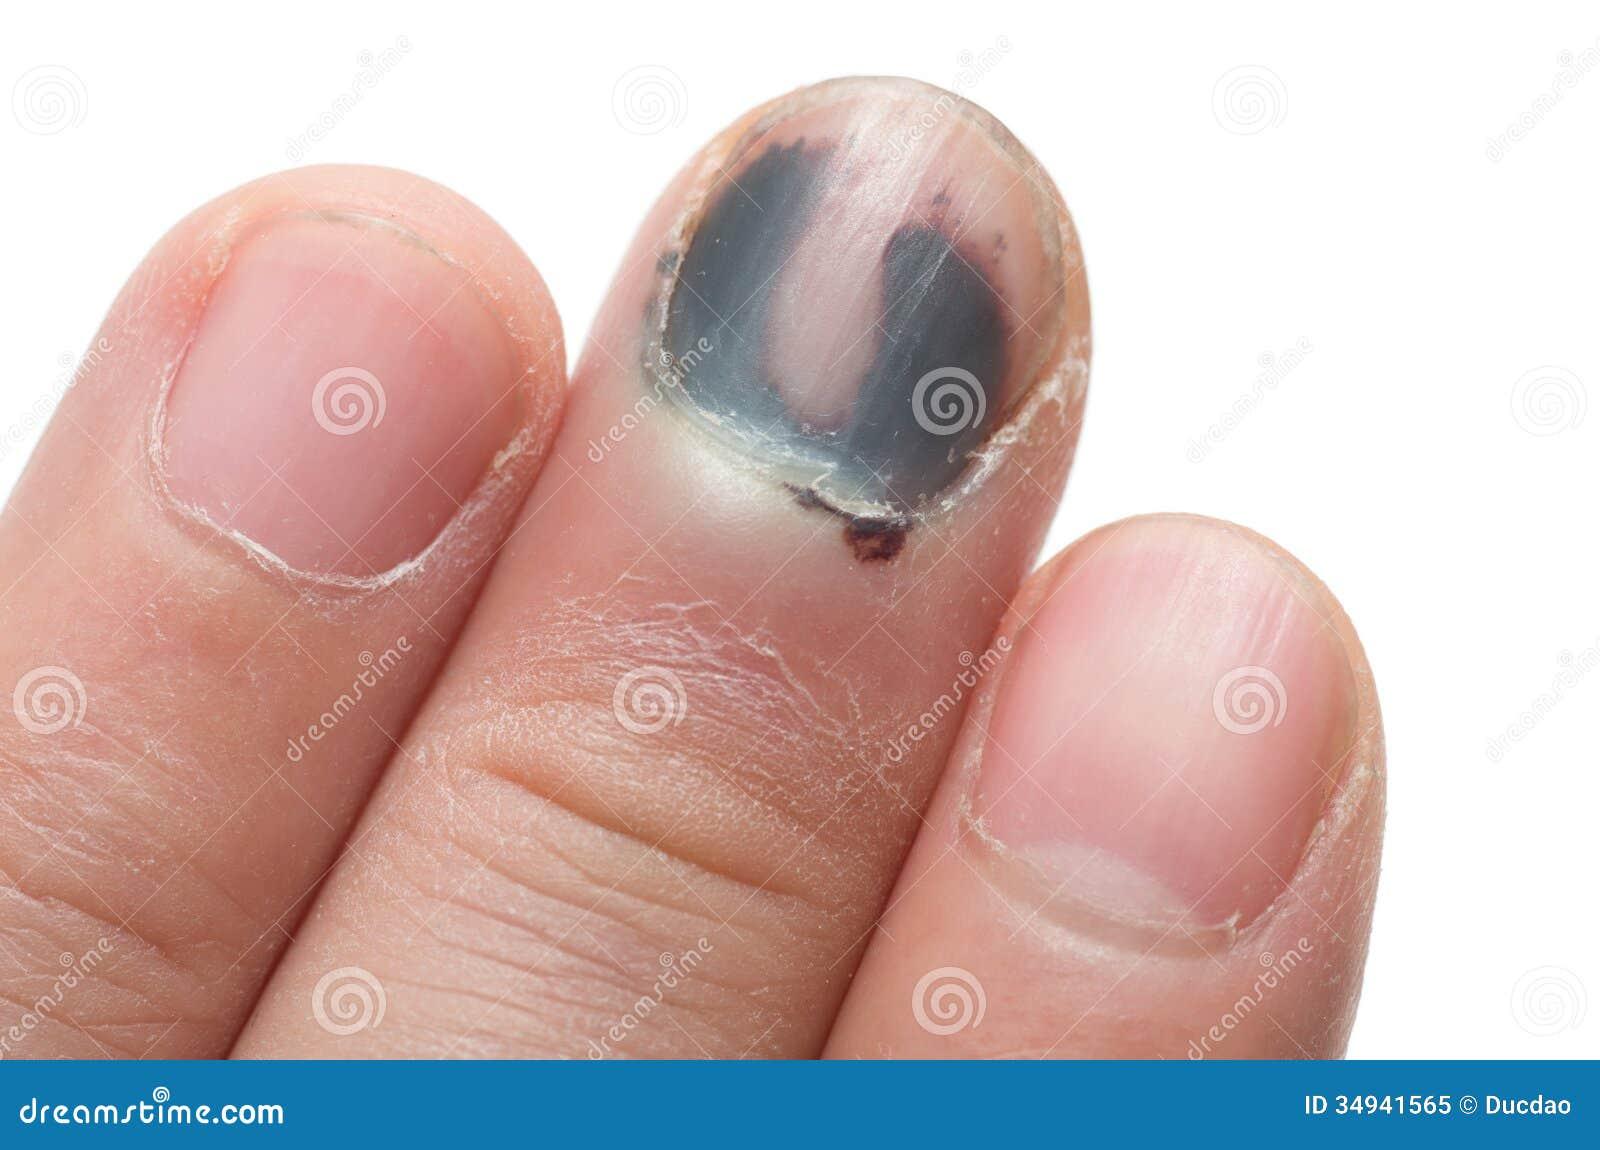 Фото слезающего от удара ногтях